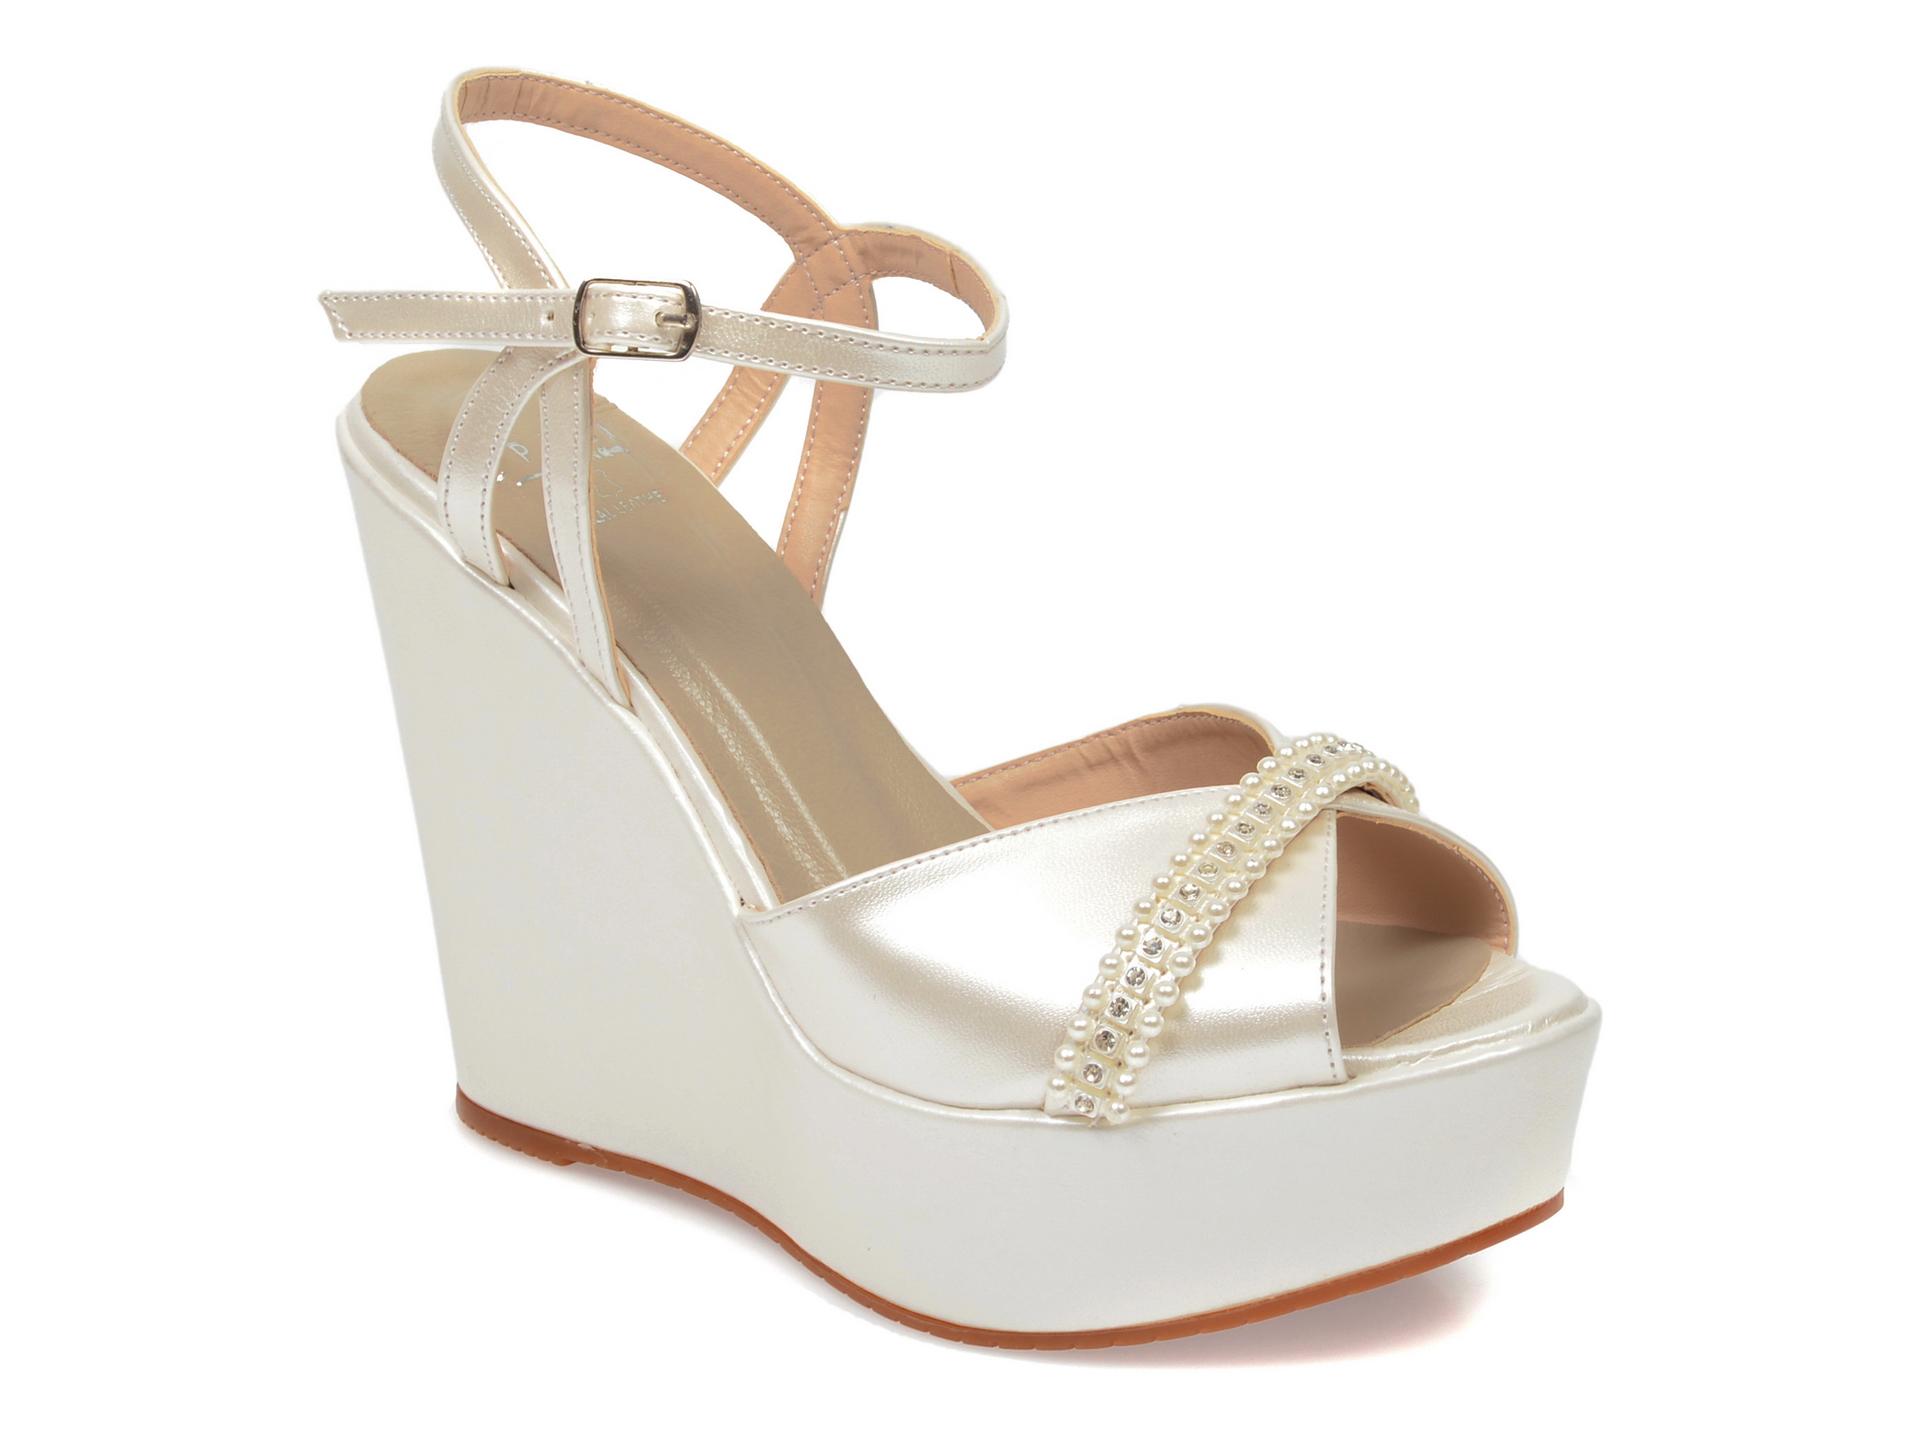 Sandale EPICA albe, 1702362, din piele ecologica